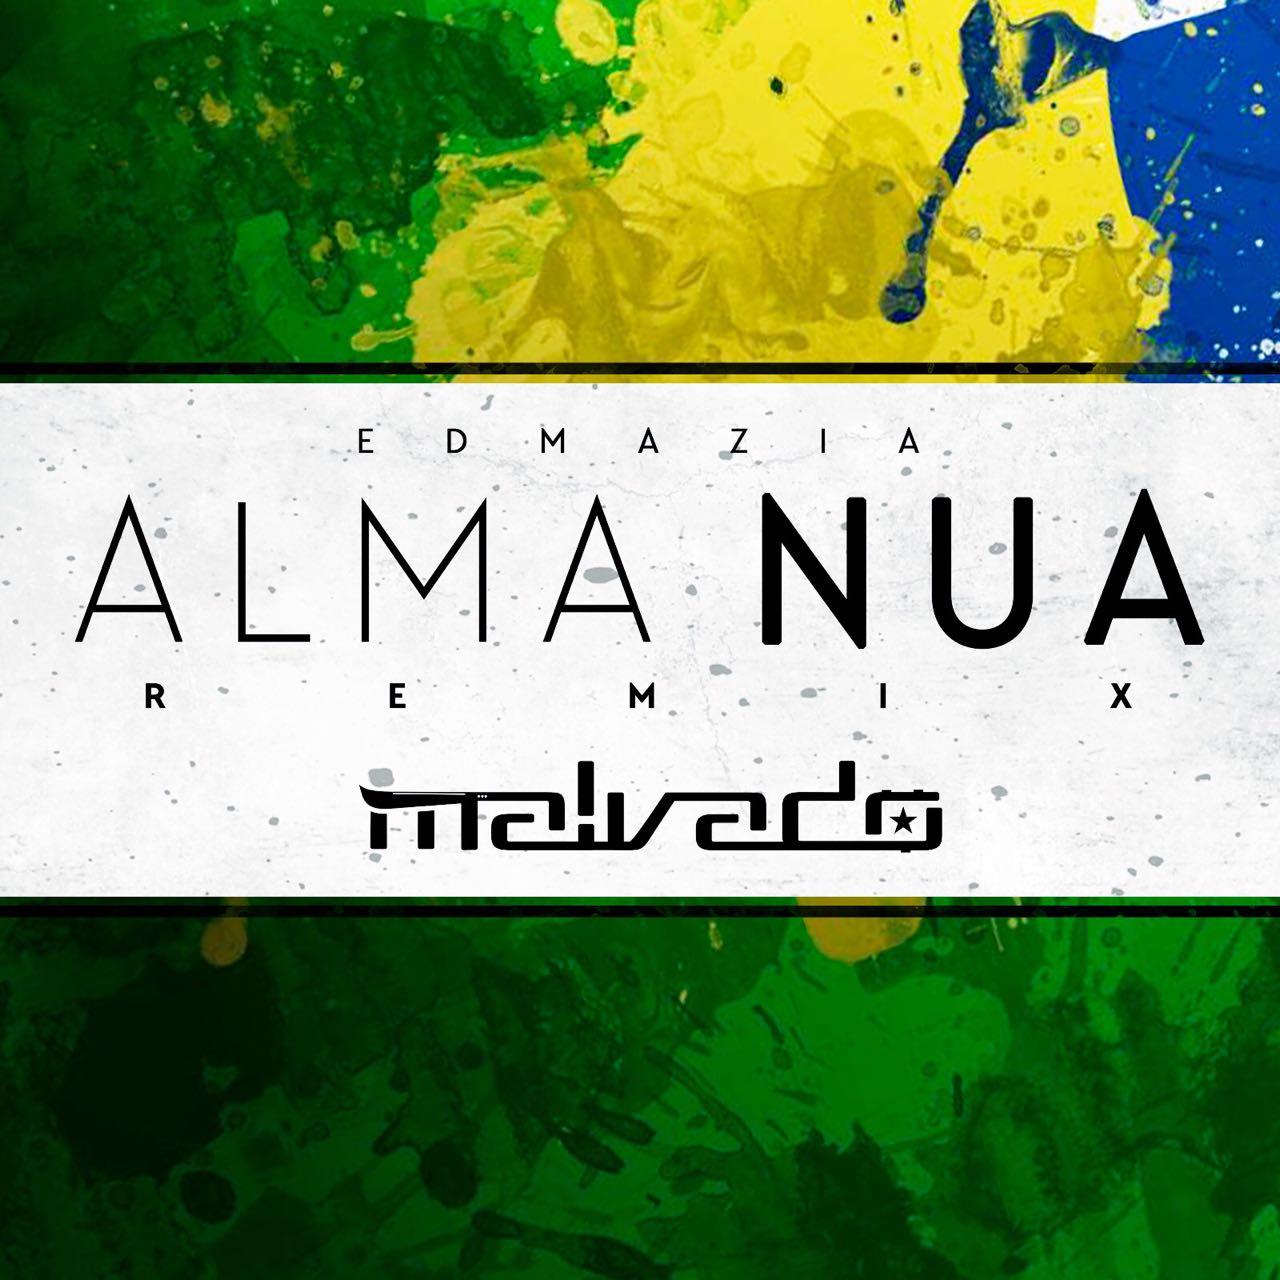 Alma Nua edmázia - alma nua (dj malvado remix) [download] - .:haylton